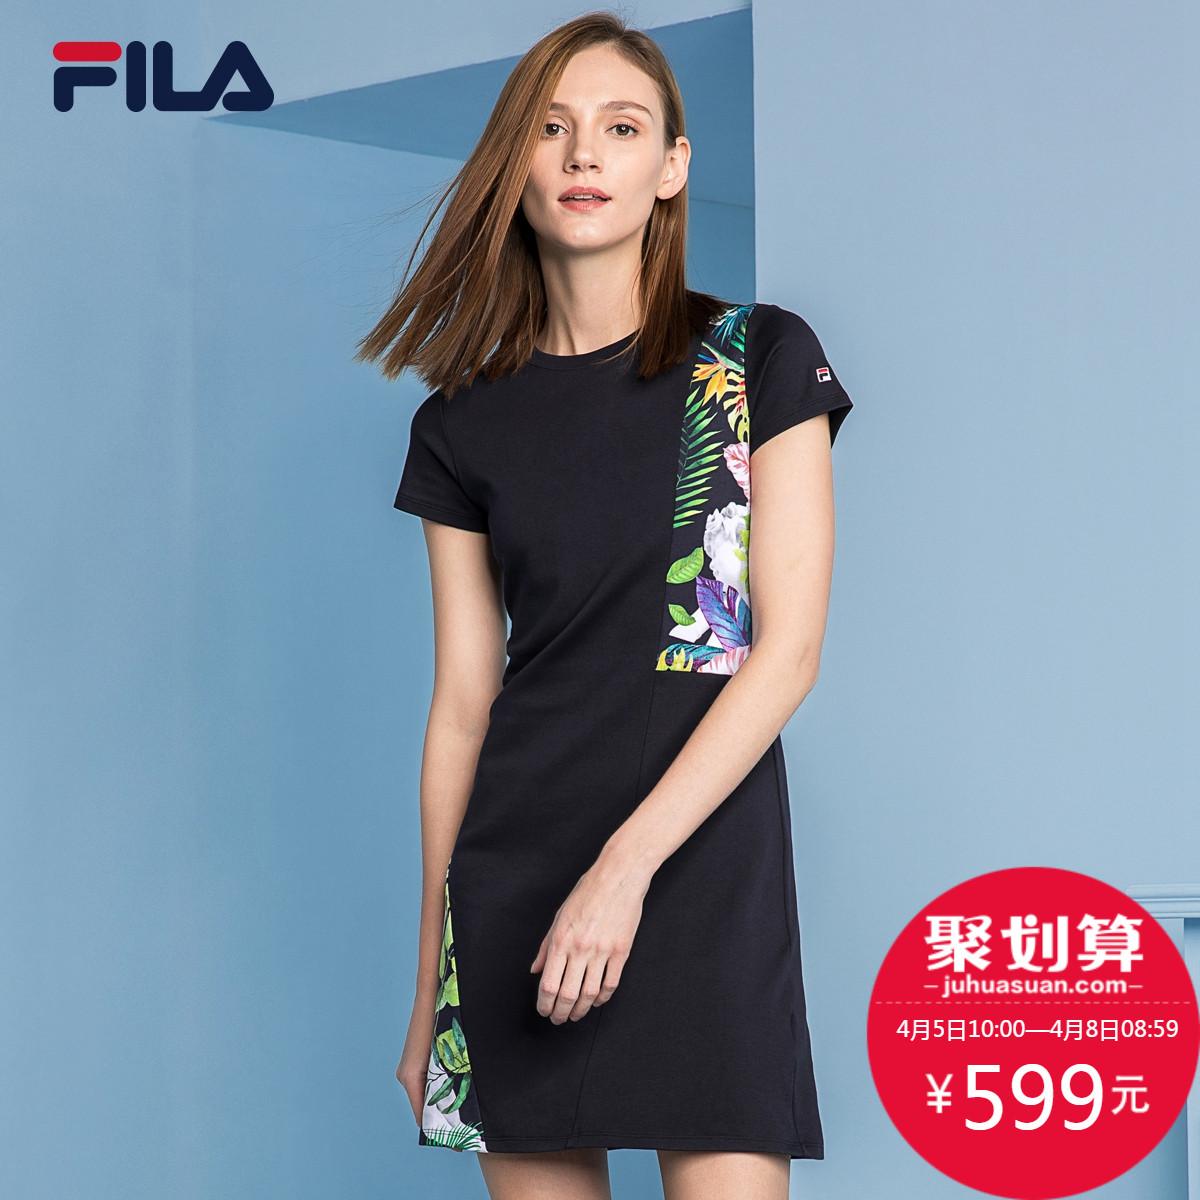 FILA фиджи музыка платье 2018 новая весна модель печать тонкий короткий рукав платье